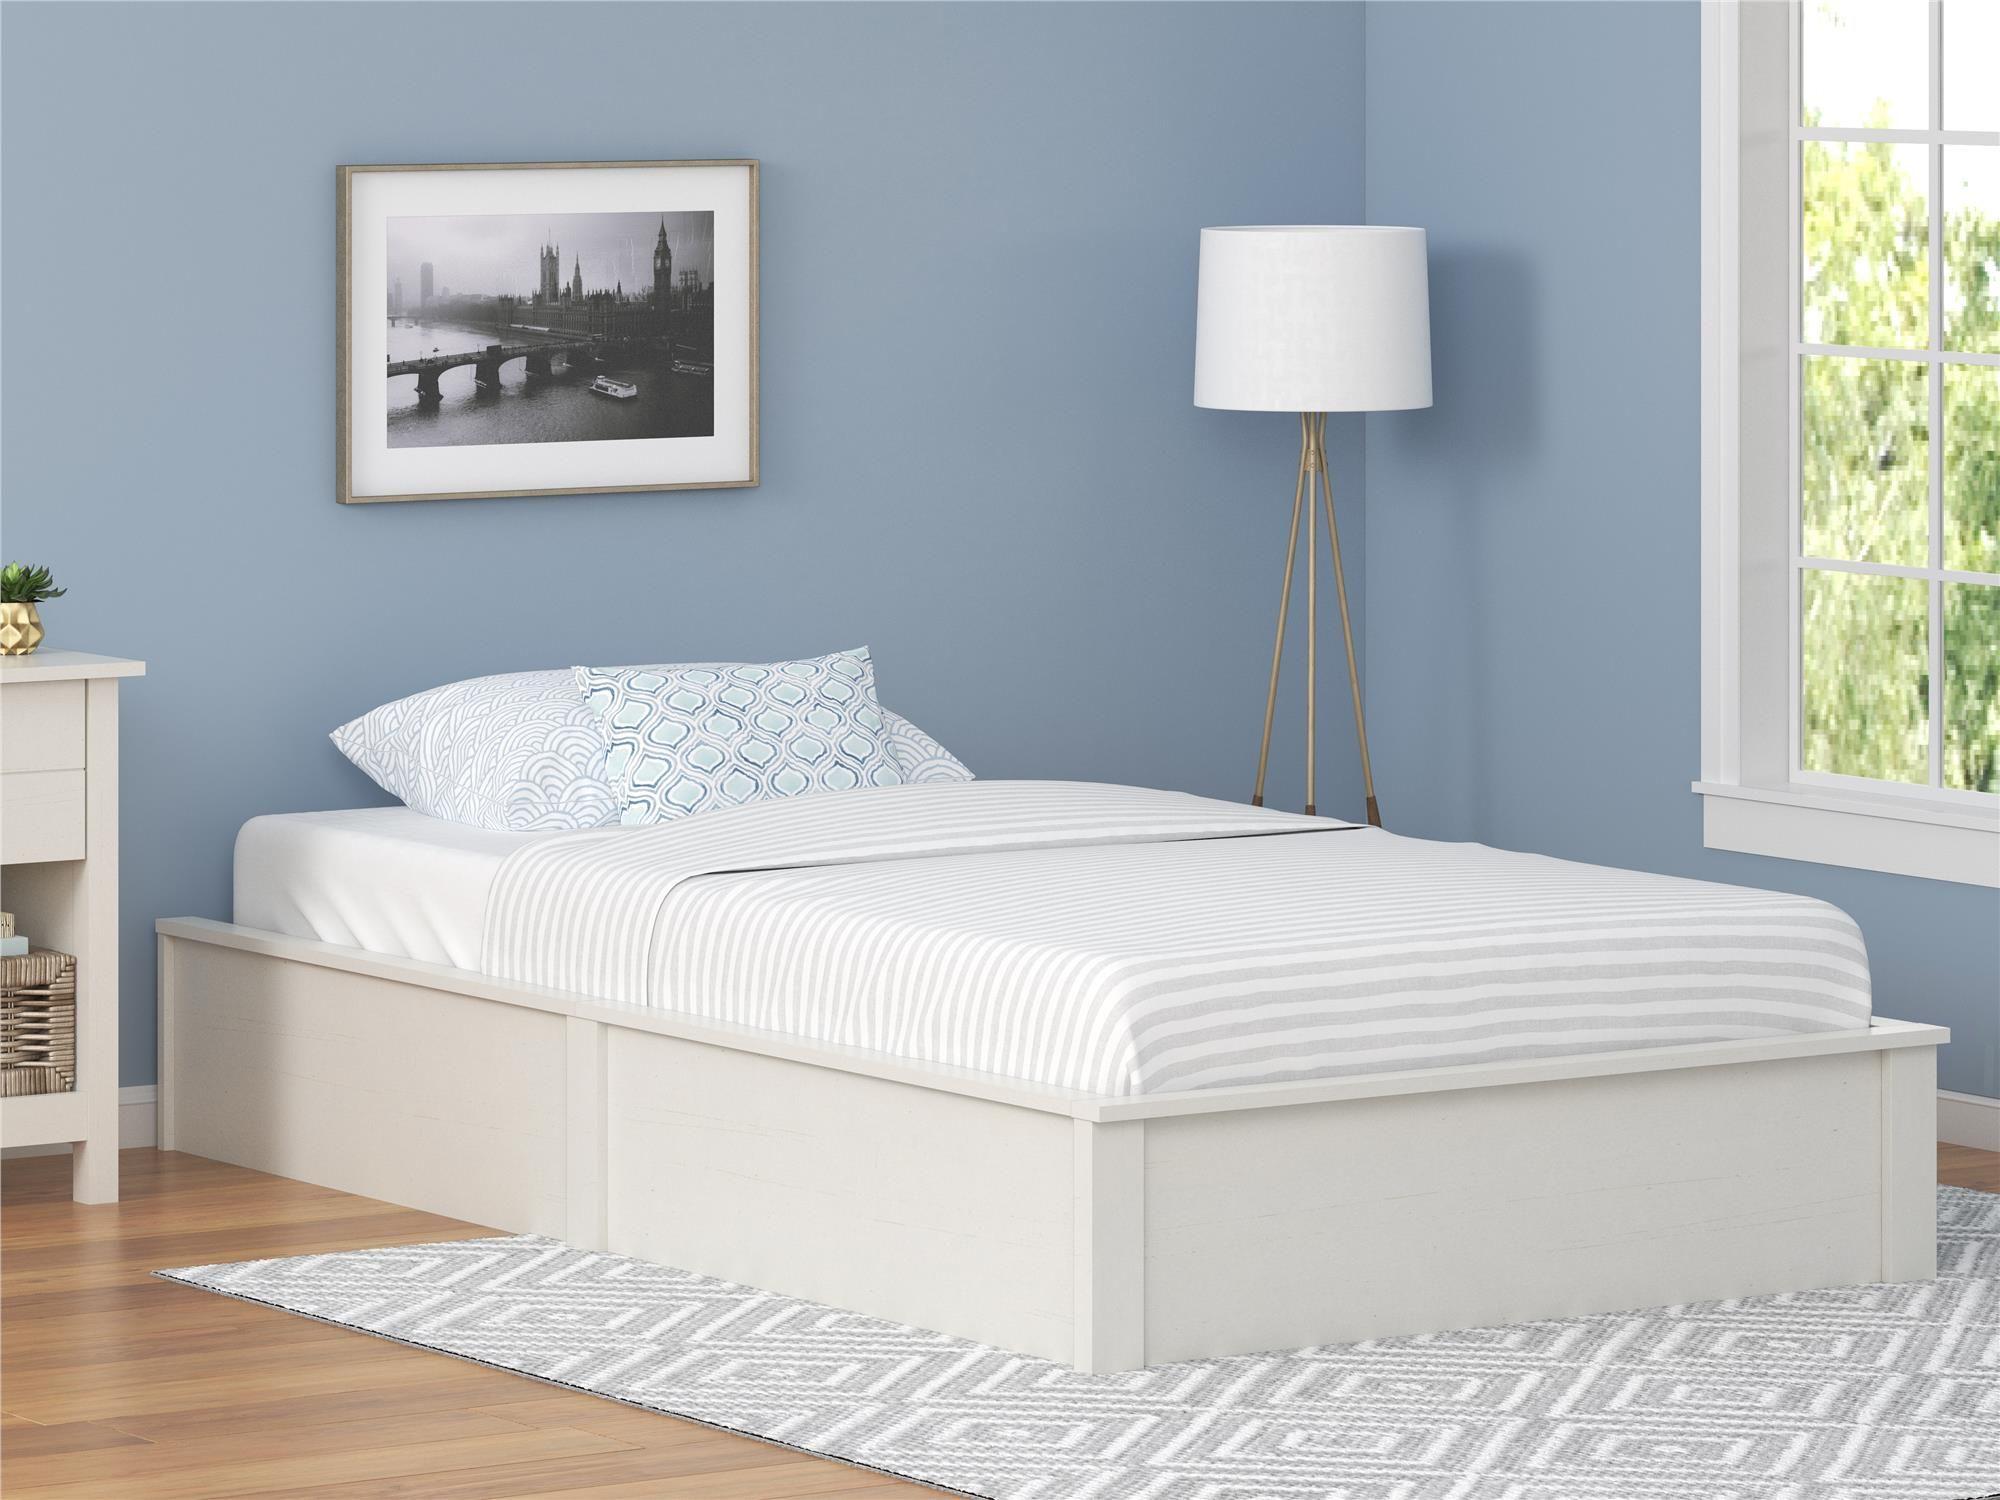 Dorel Home Furnishings Austin Twin Vintage White Platform Bed Frame ...